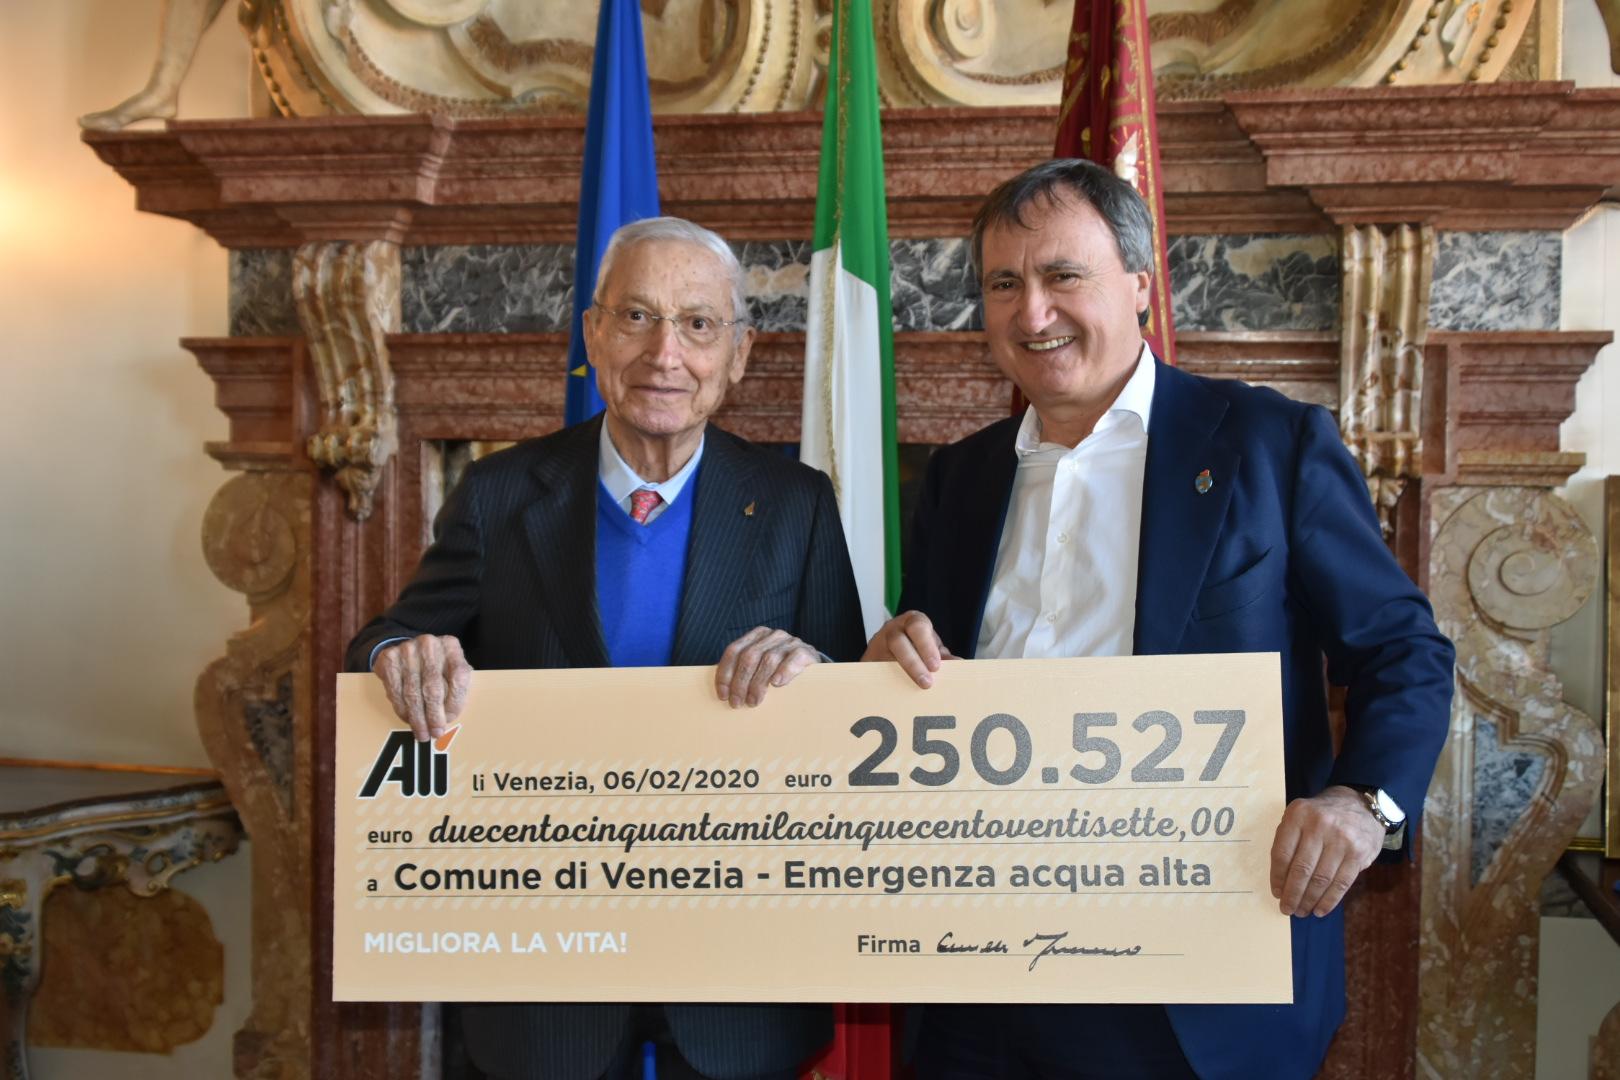 Consegnato l'assegno da 250 mila euro al Comune di Venezia per l'emergenza acqua alta